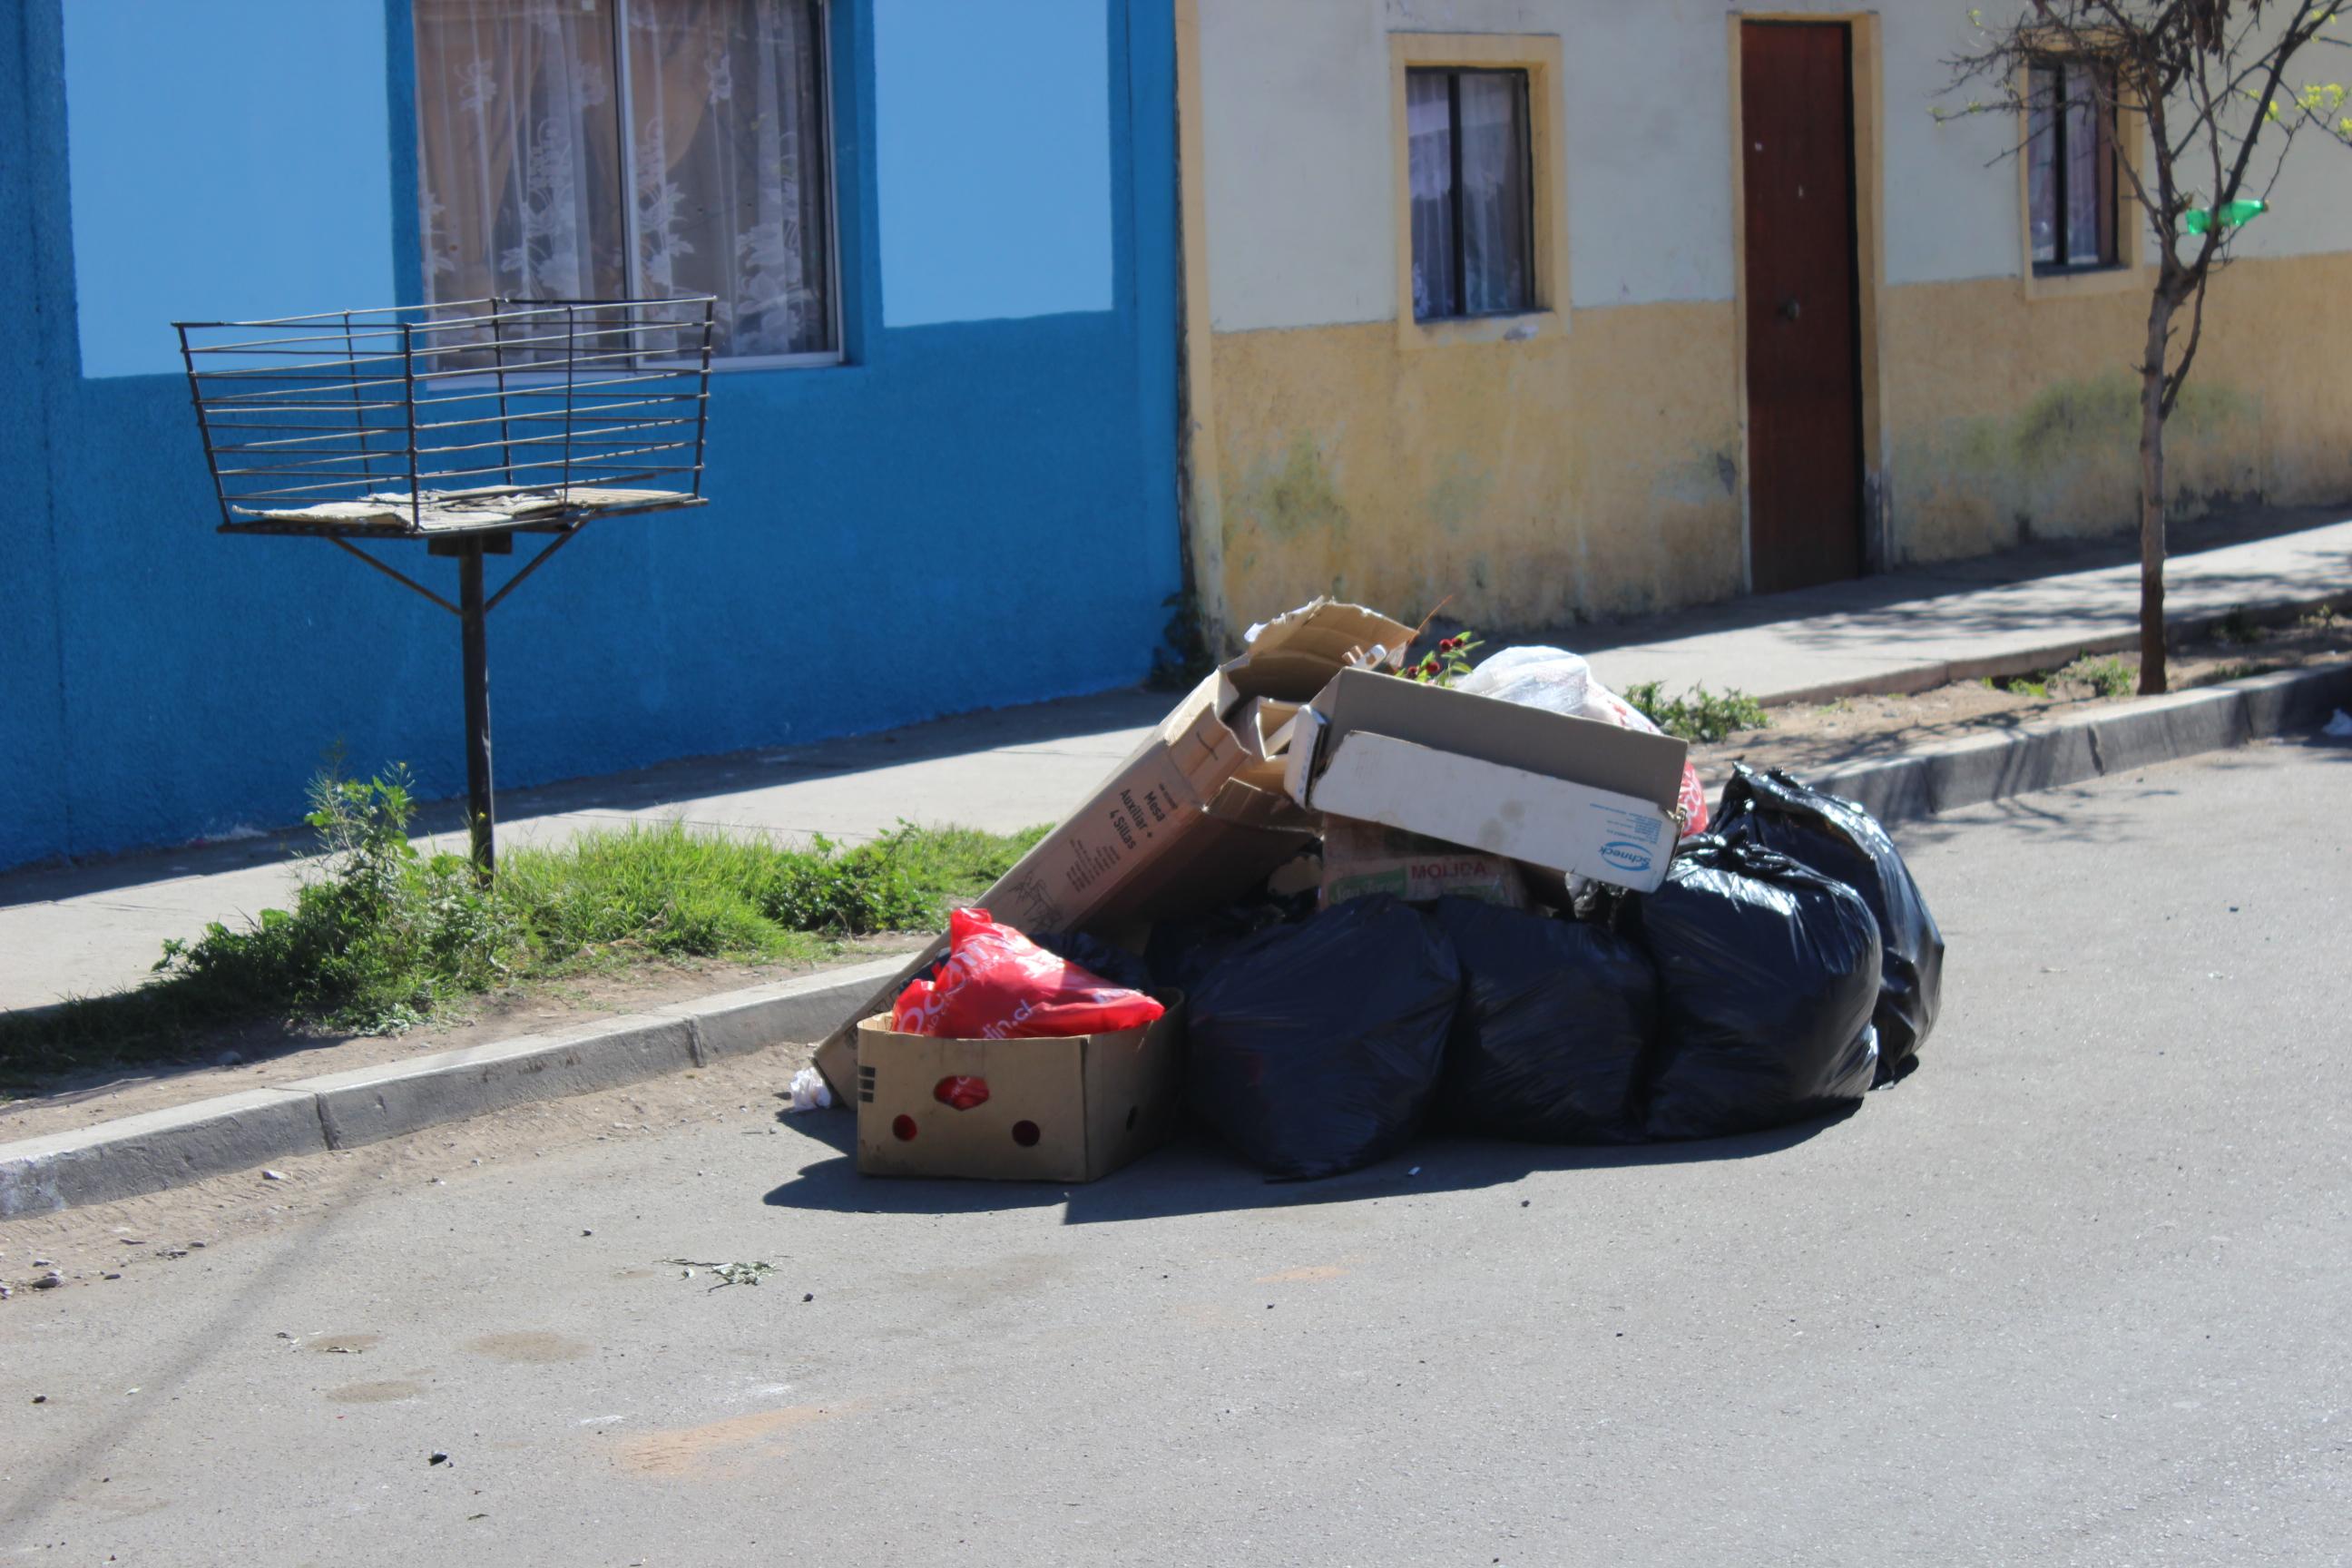 Cosemar solicita no sacar basura durante jornada de hoy y alcalde se reúne con Intendente buscando soluciones